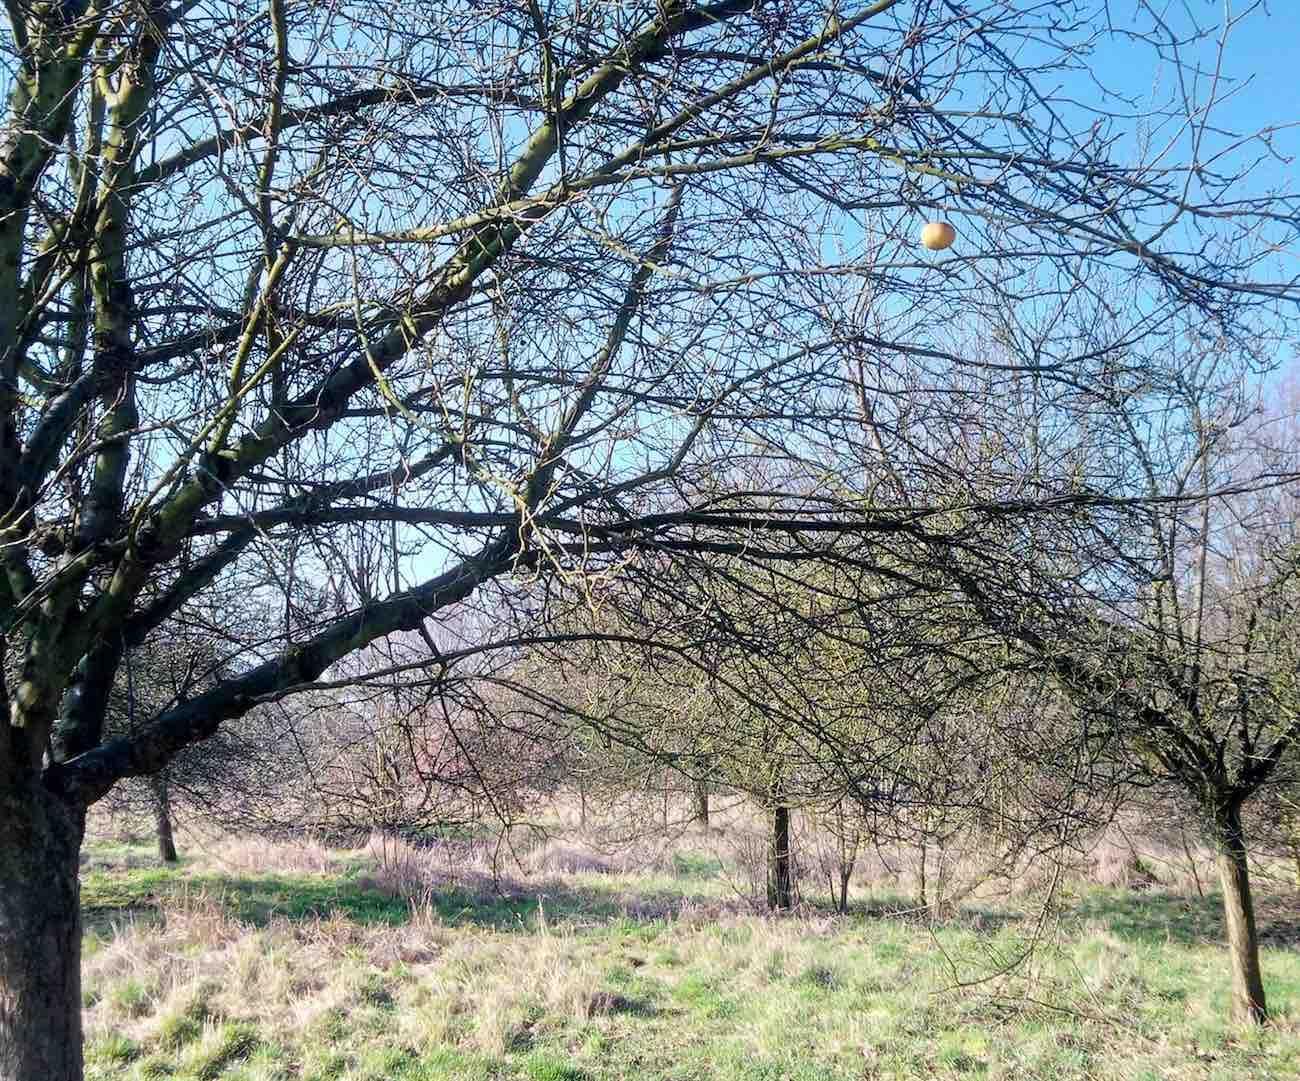 Auf der Wilhelmsburger Elbinsel. Was den Apfel wohl noch am Baum hält? Sturheit? Vergesslichkeit? Trotz? Höhenangst?